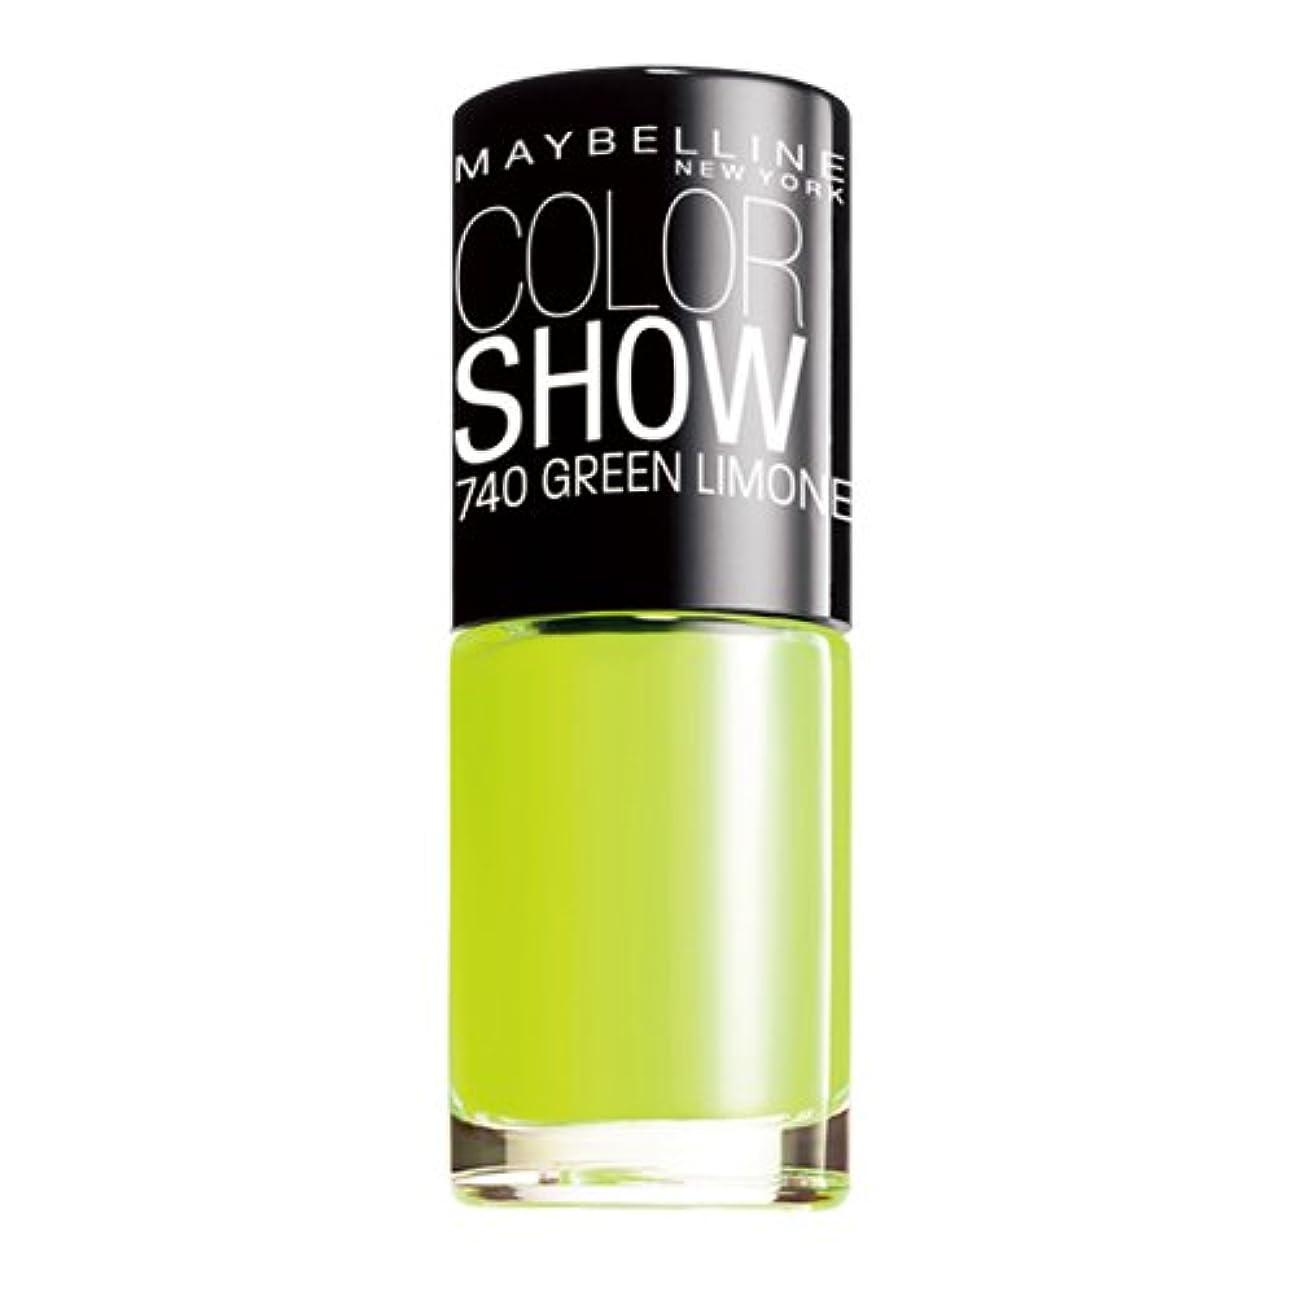 意志探す起こりやすいメイベリン カラー ショー ネイル B 740 グリーン リモーネ